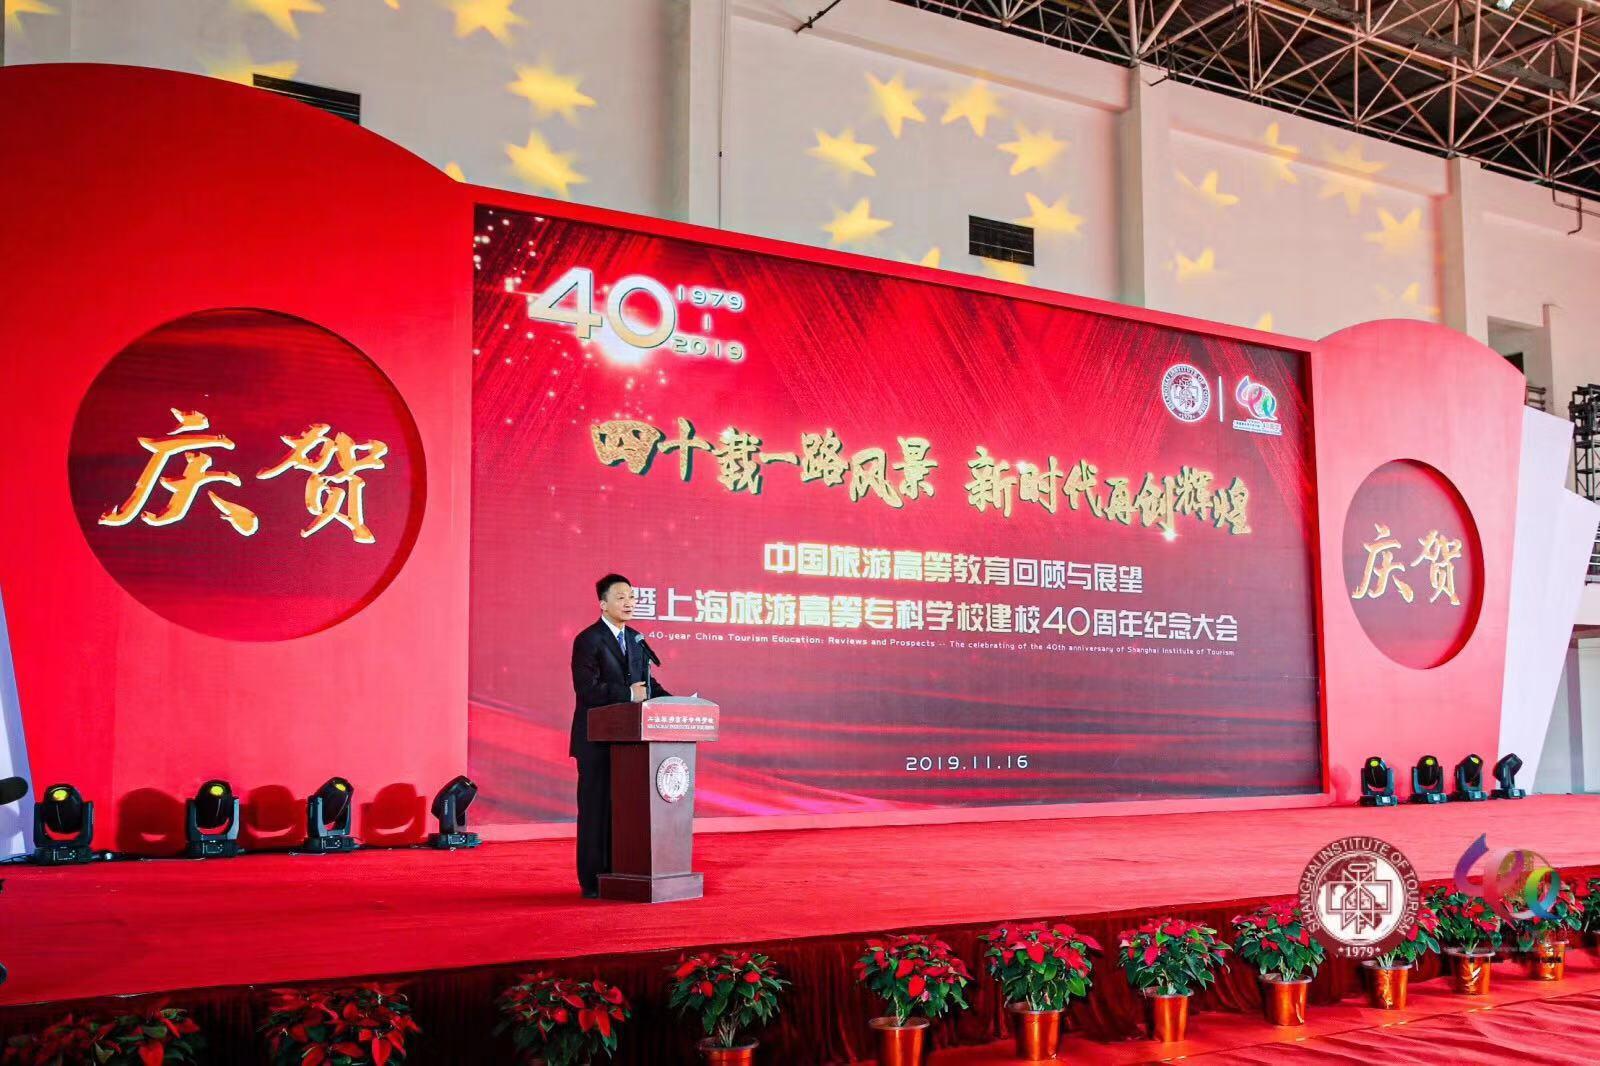 上海旅专建校40周年